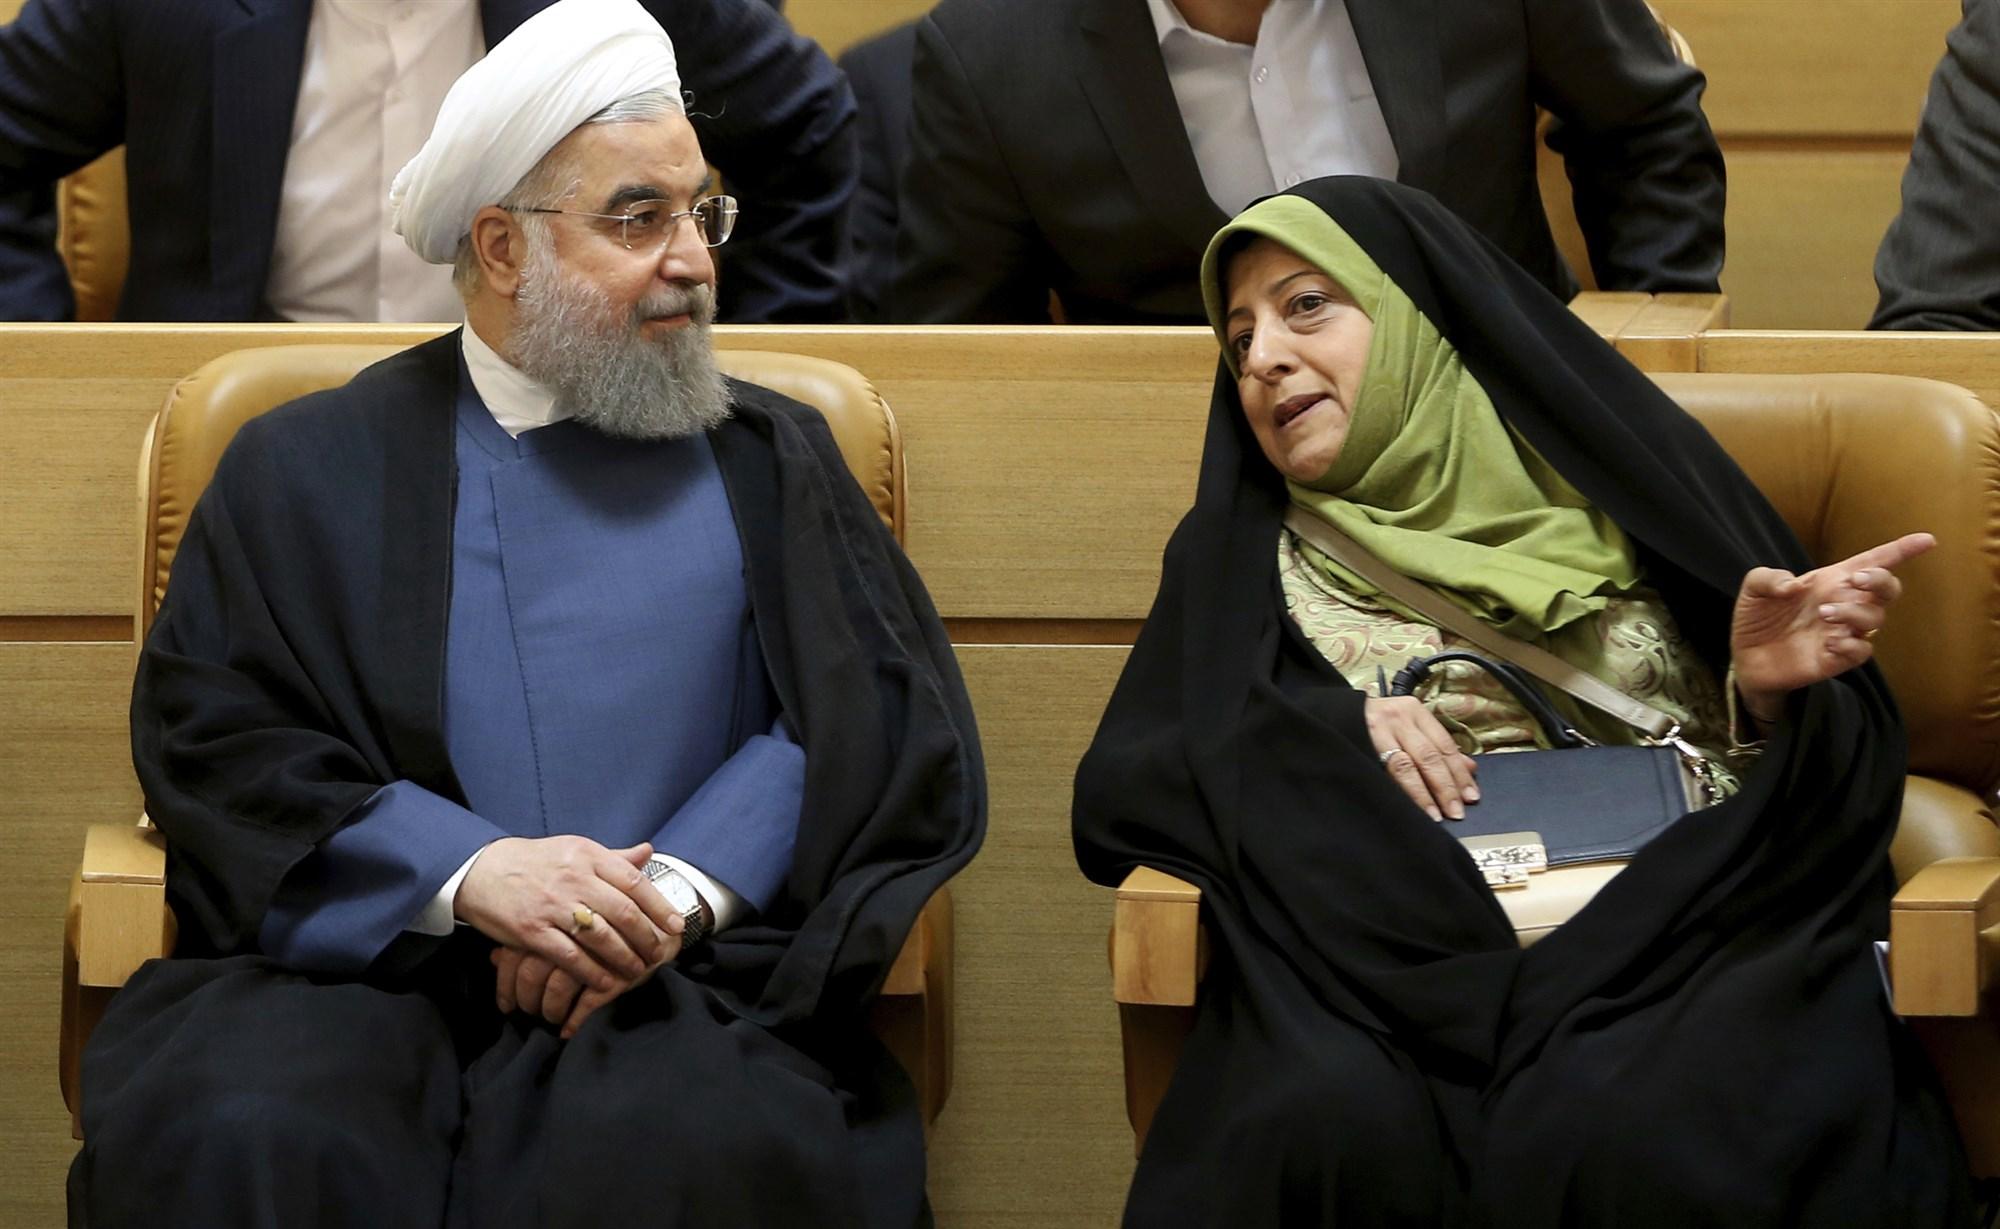 پیشنهاد خانواده زندانیان آمریکایی در ایران برای لغو ویزای بستگان مقامات ایرانی